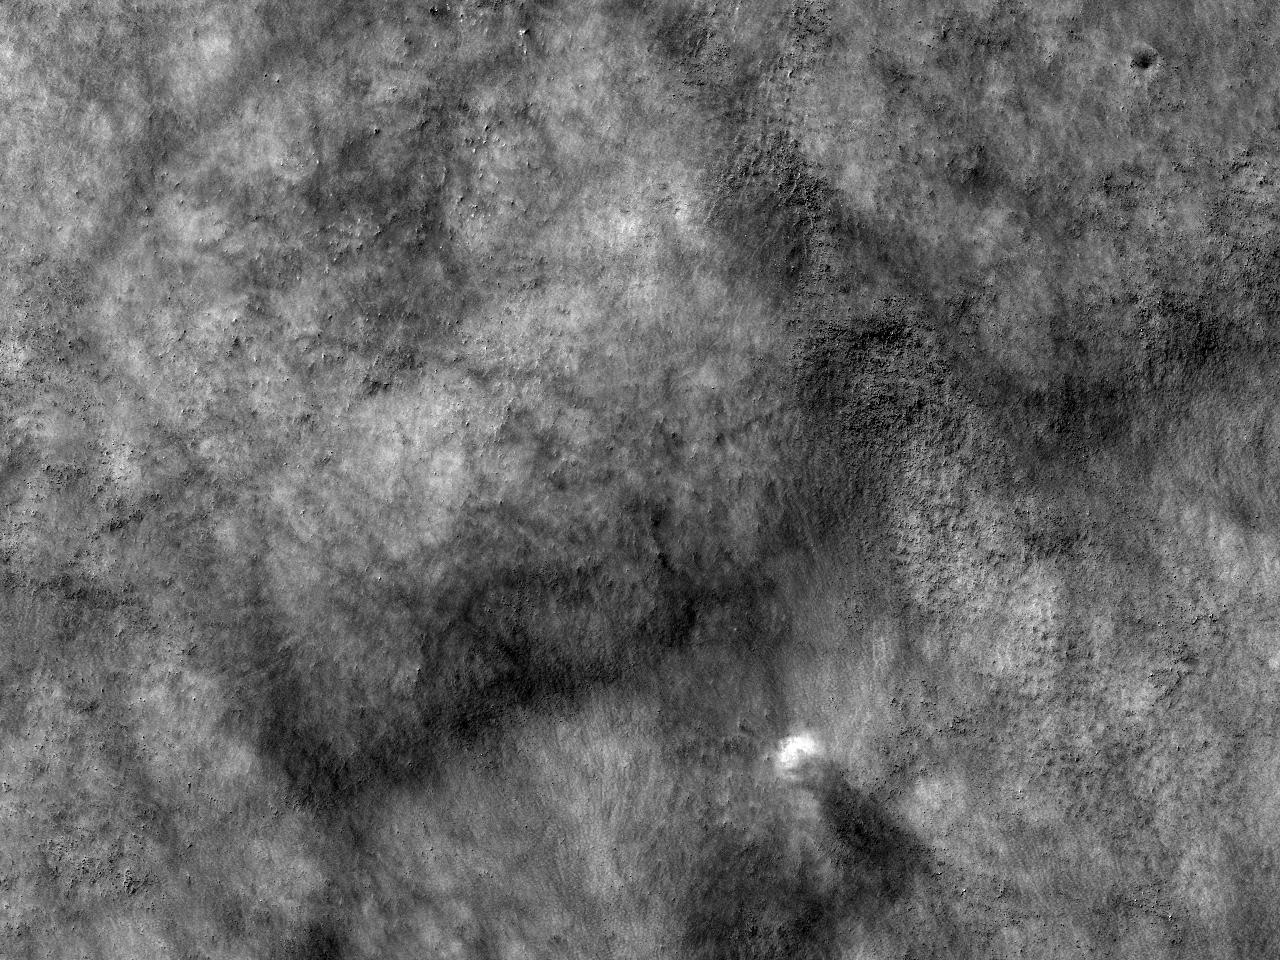 Формы рельефаземли Terra Cimmeria